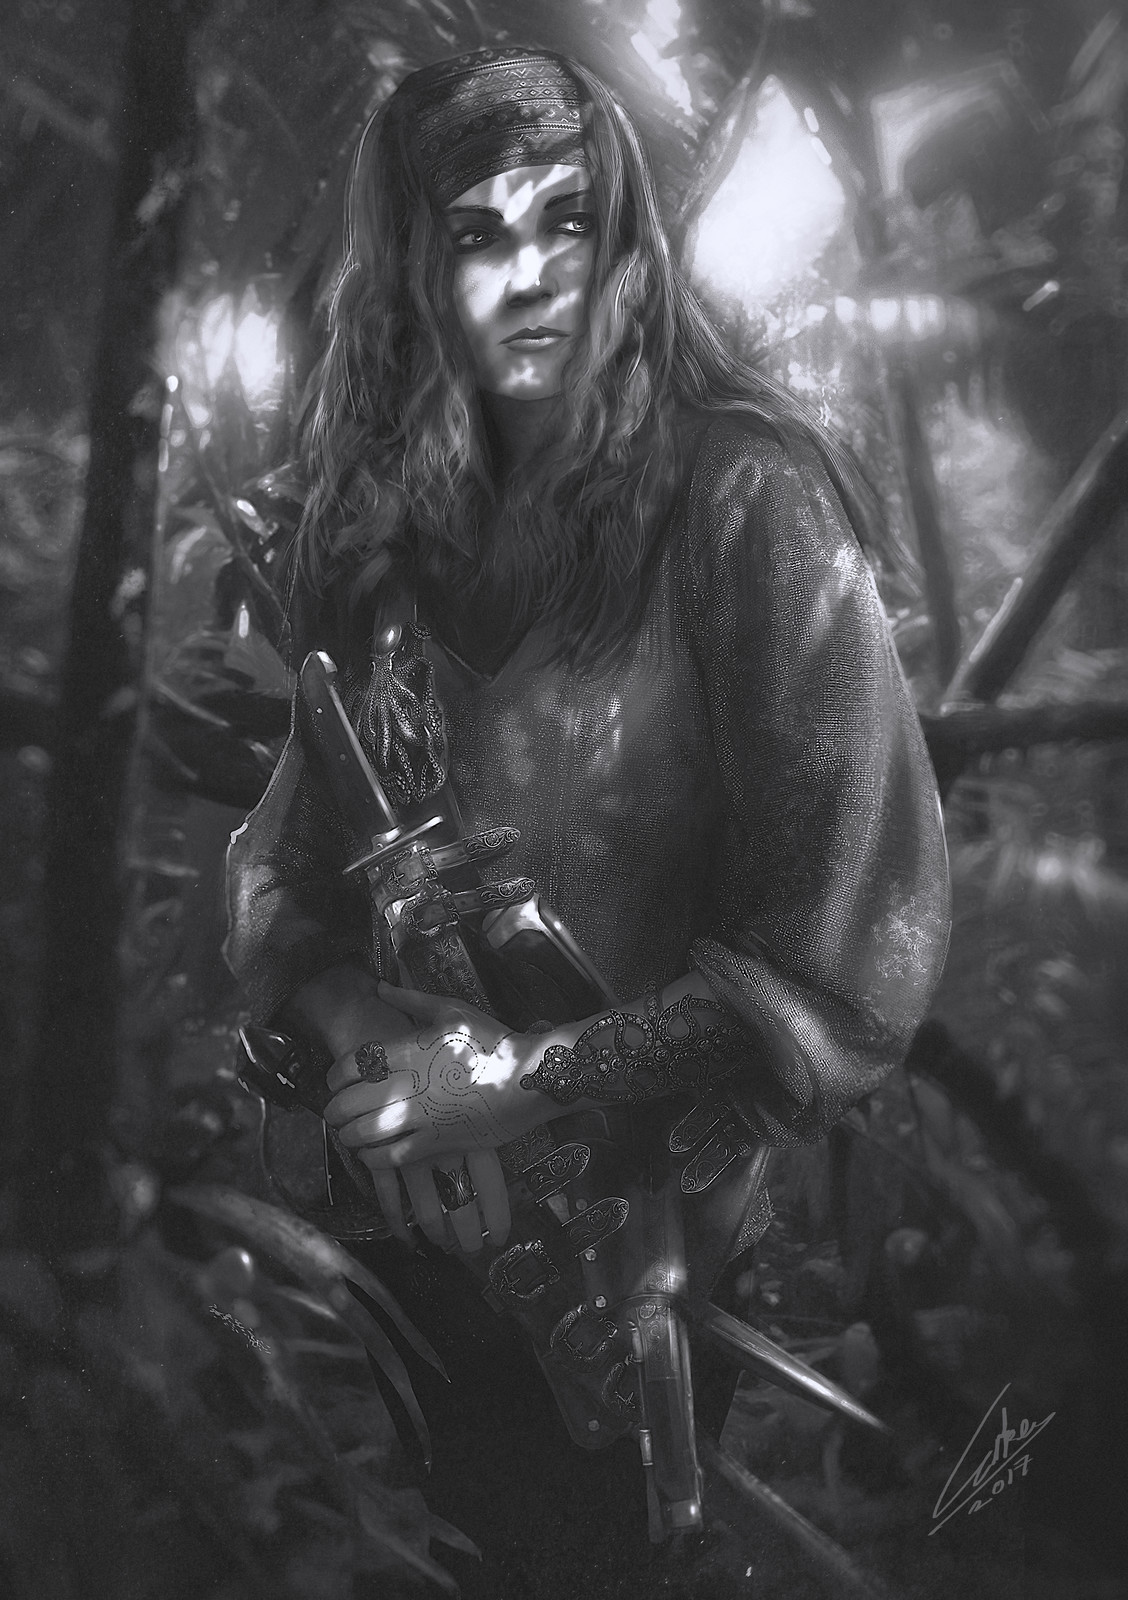 Pirate in Jungle